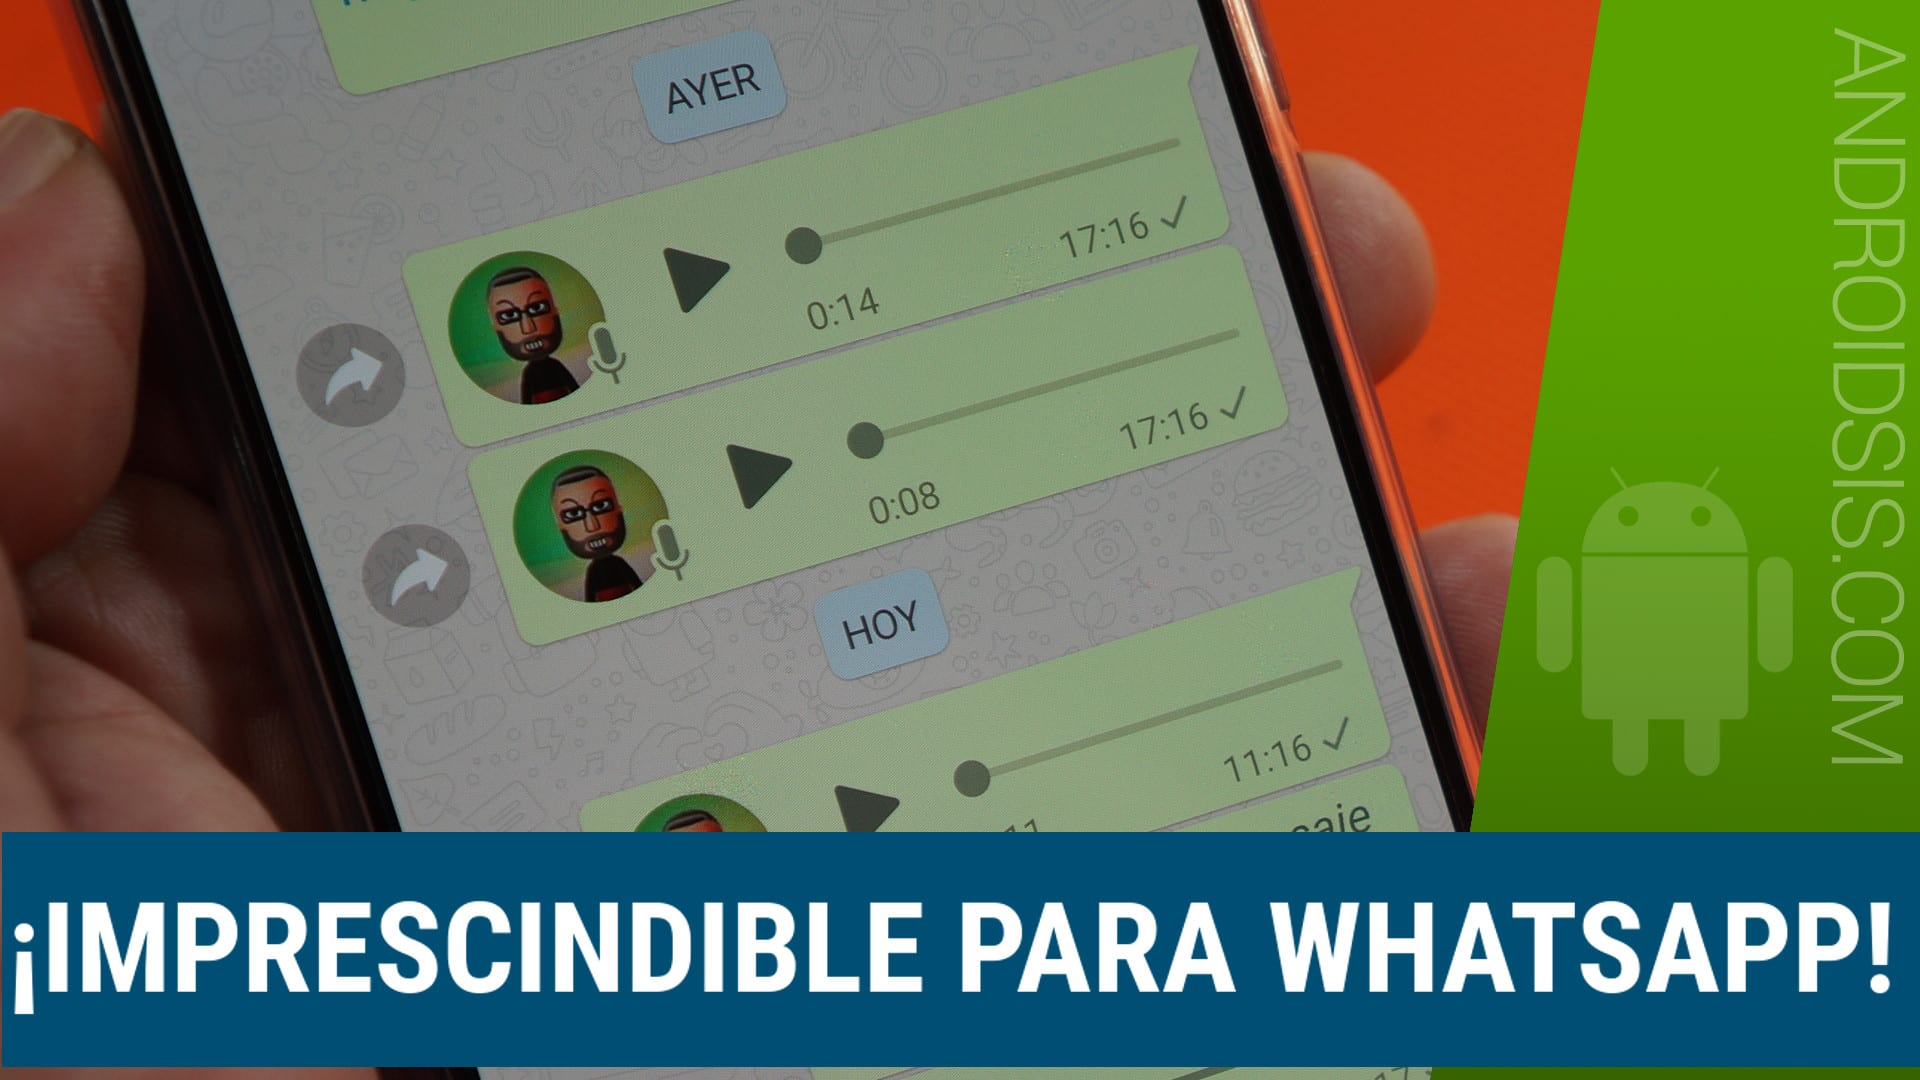 WhatsApp voz a texto, o cómo leer los audios que nos llegan a WhatsApp